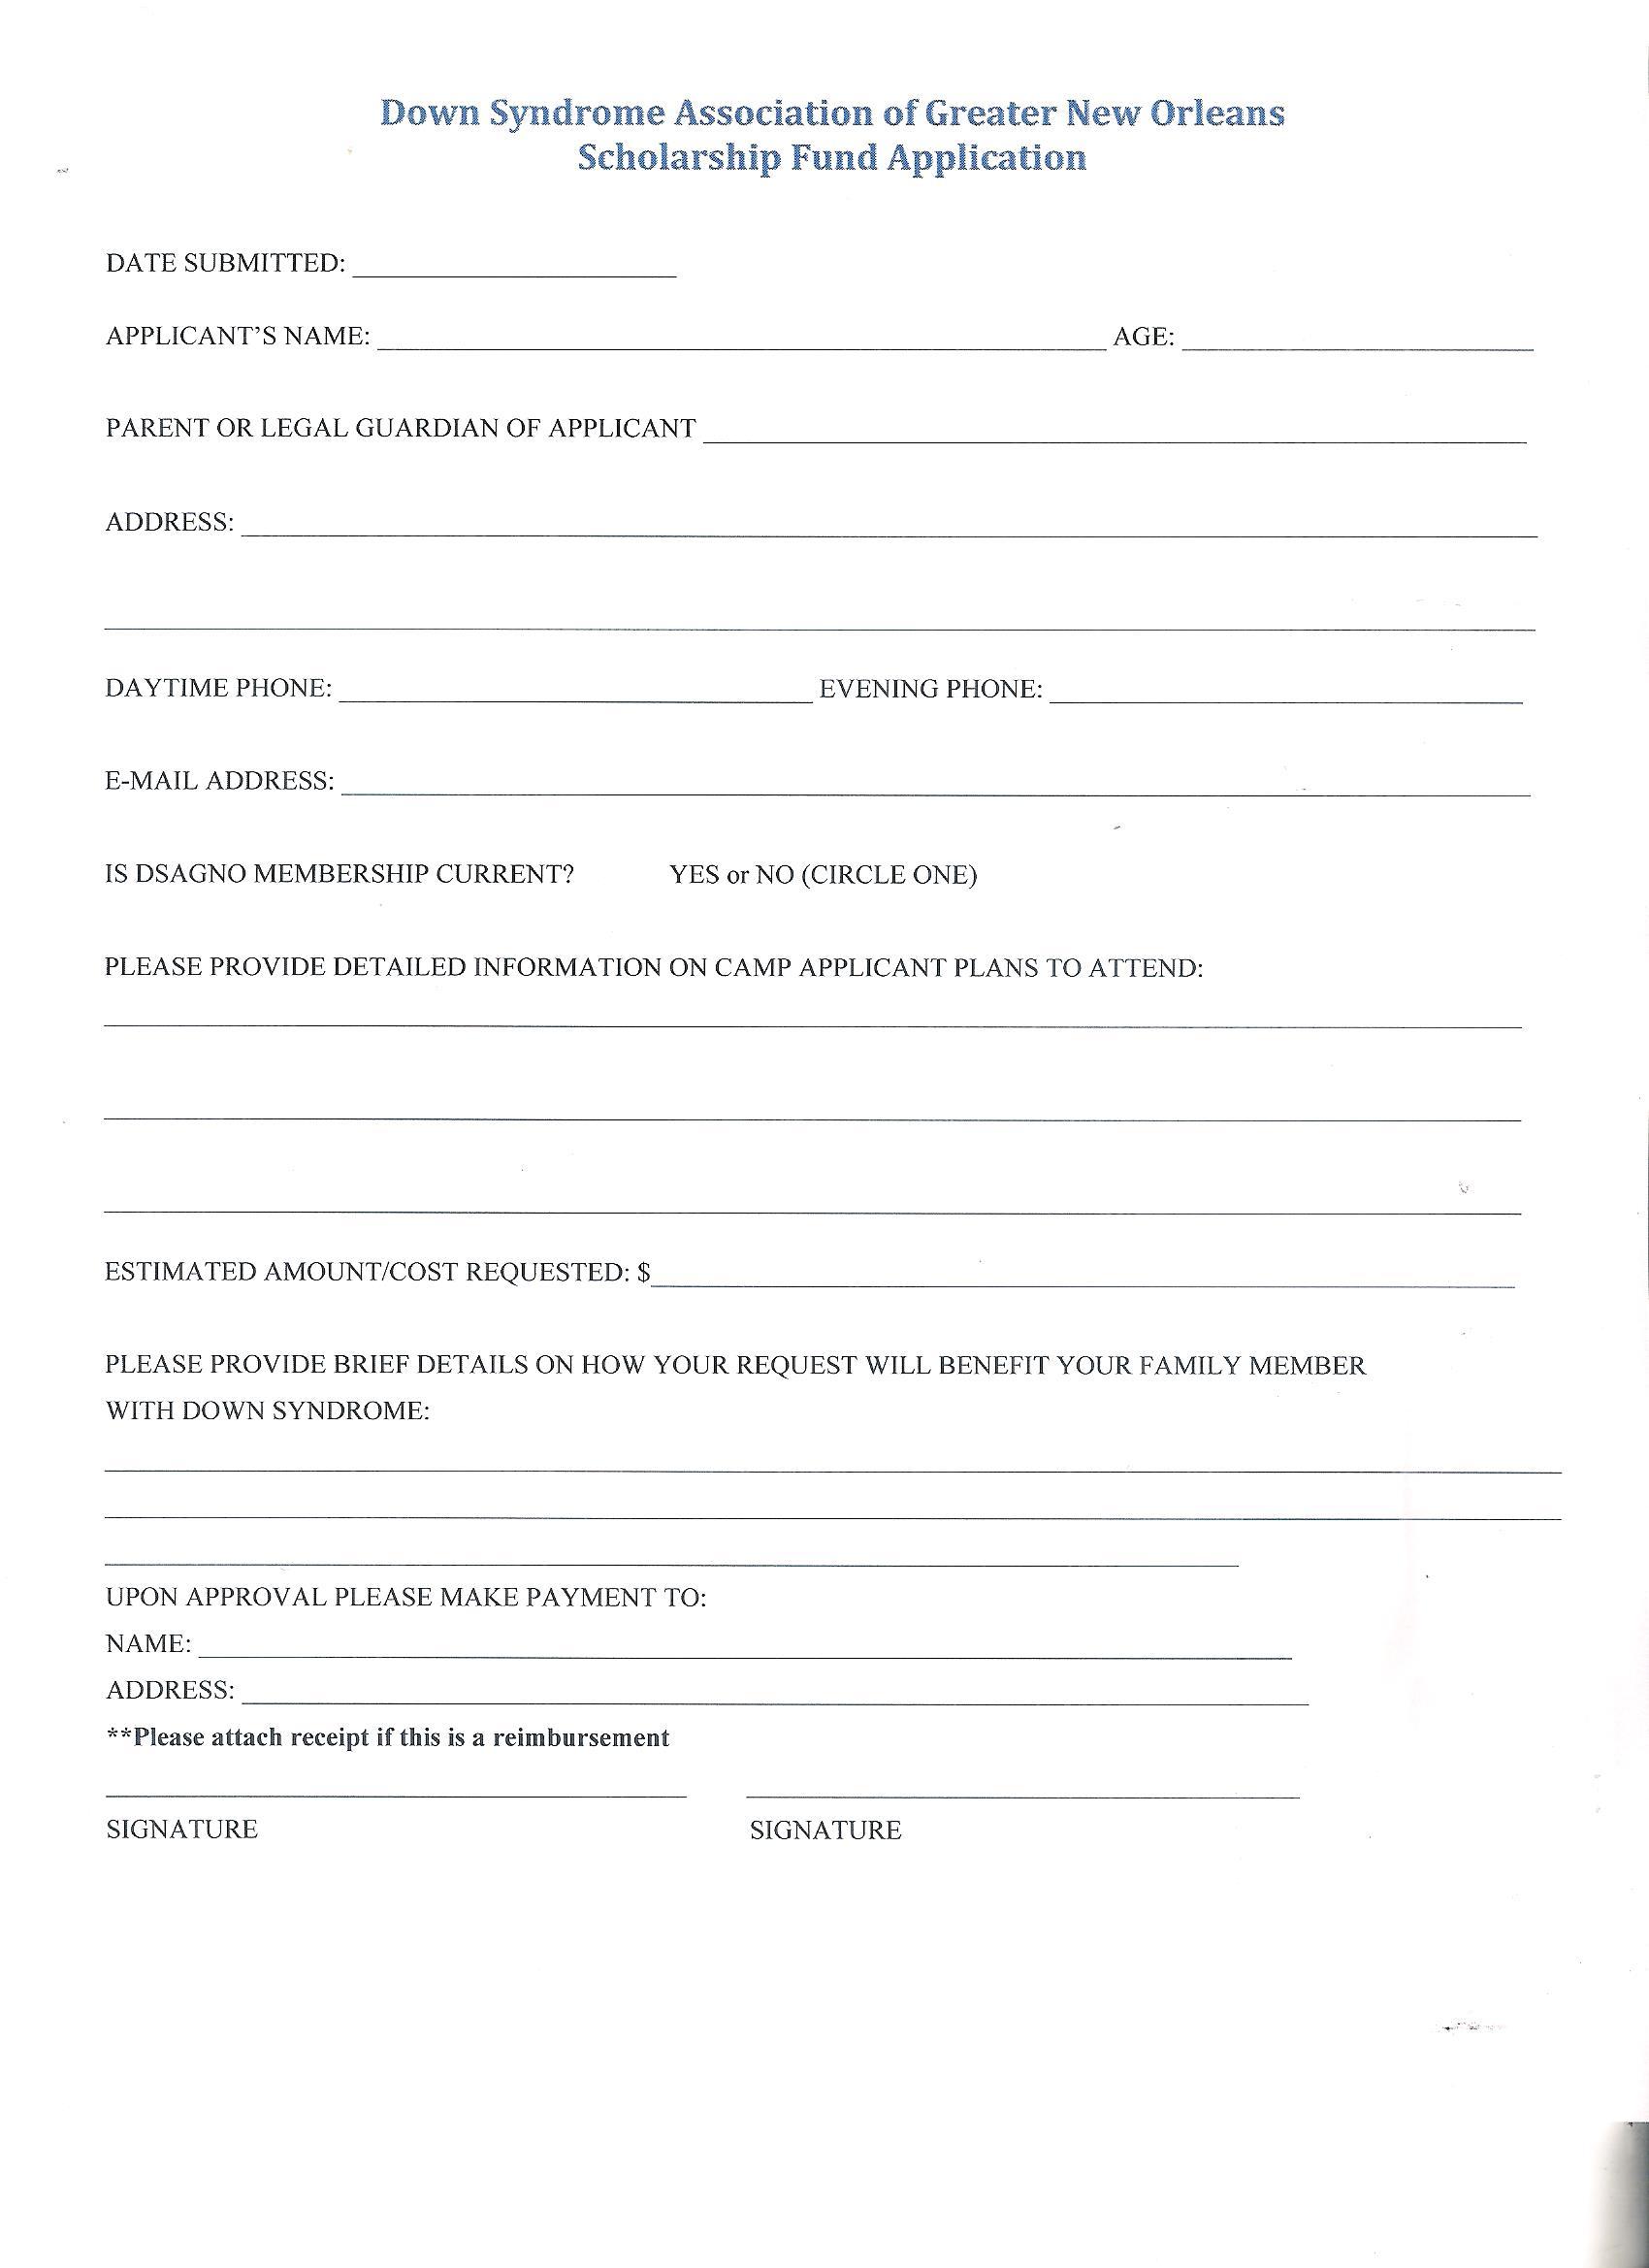 Blank summer job resume form